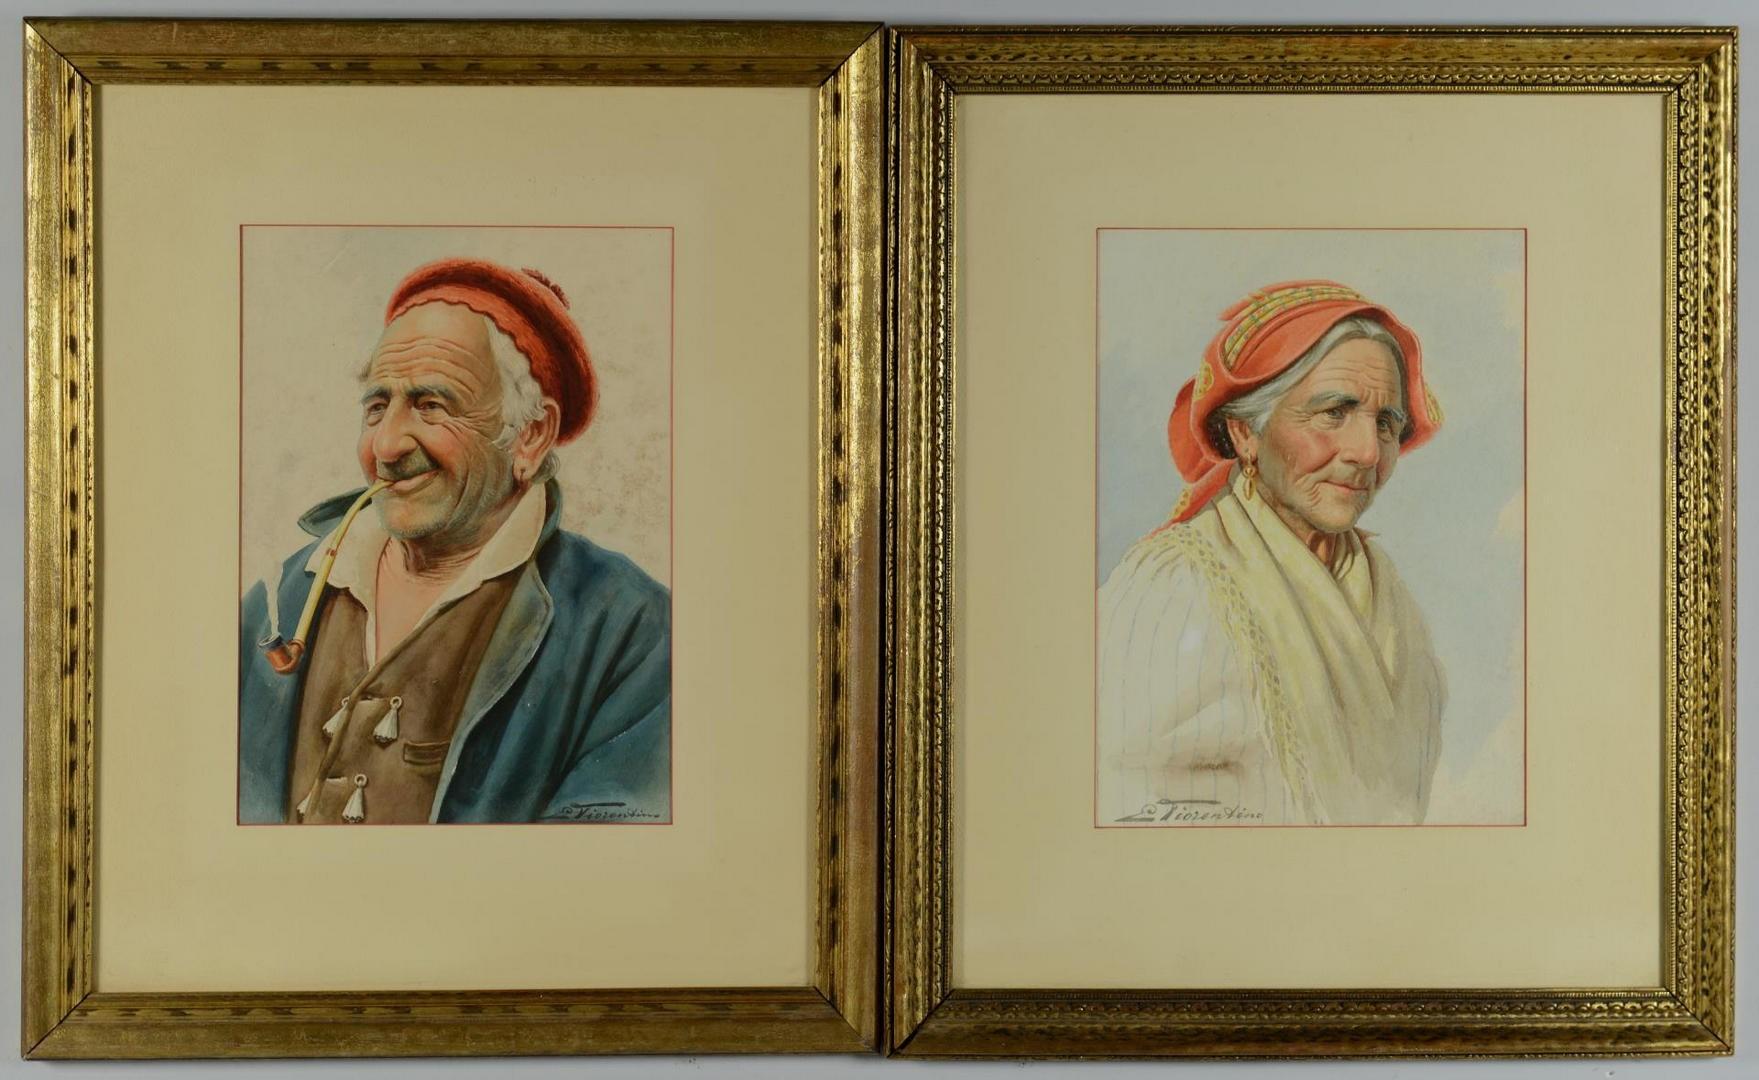 Lot 3594274: Pr Antonio E. Fiorentino Portraits